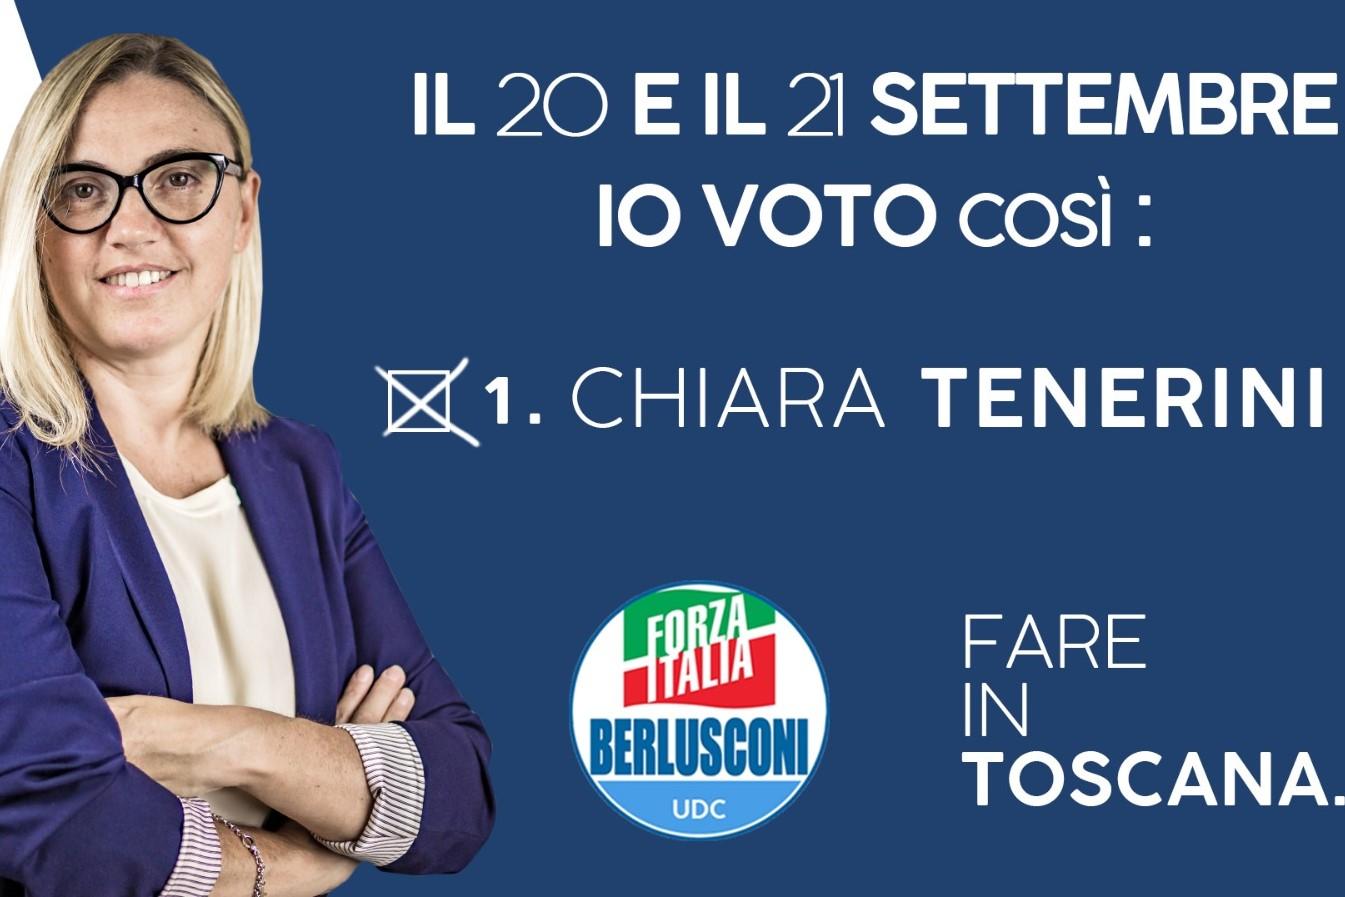 Tenerini: Elezioni, Forza Italia unico voto possibile